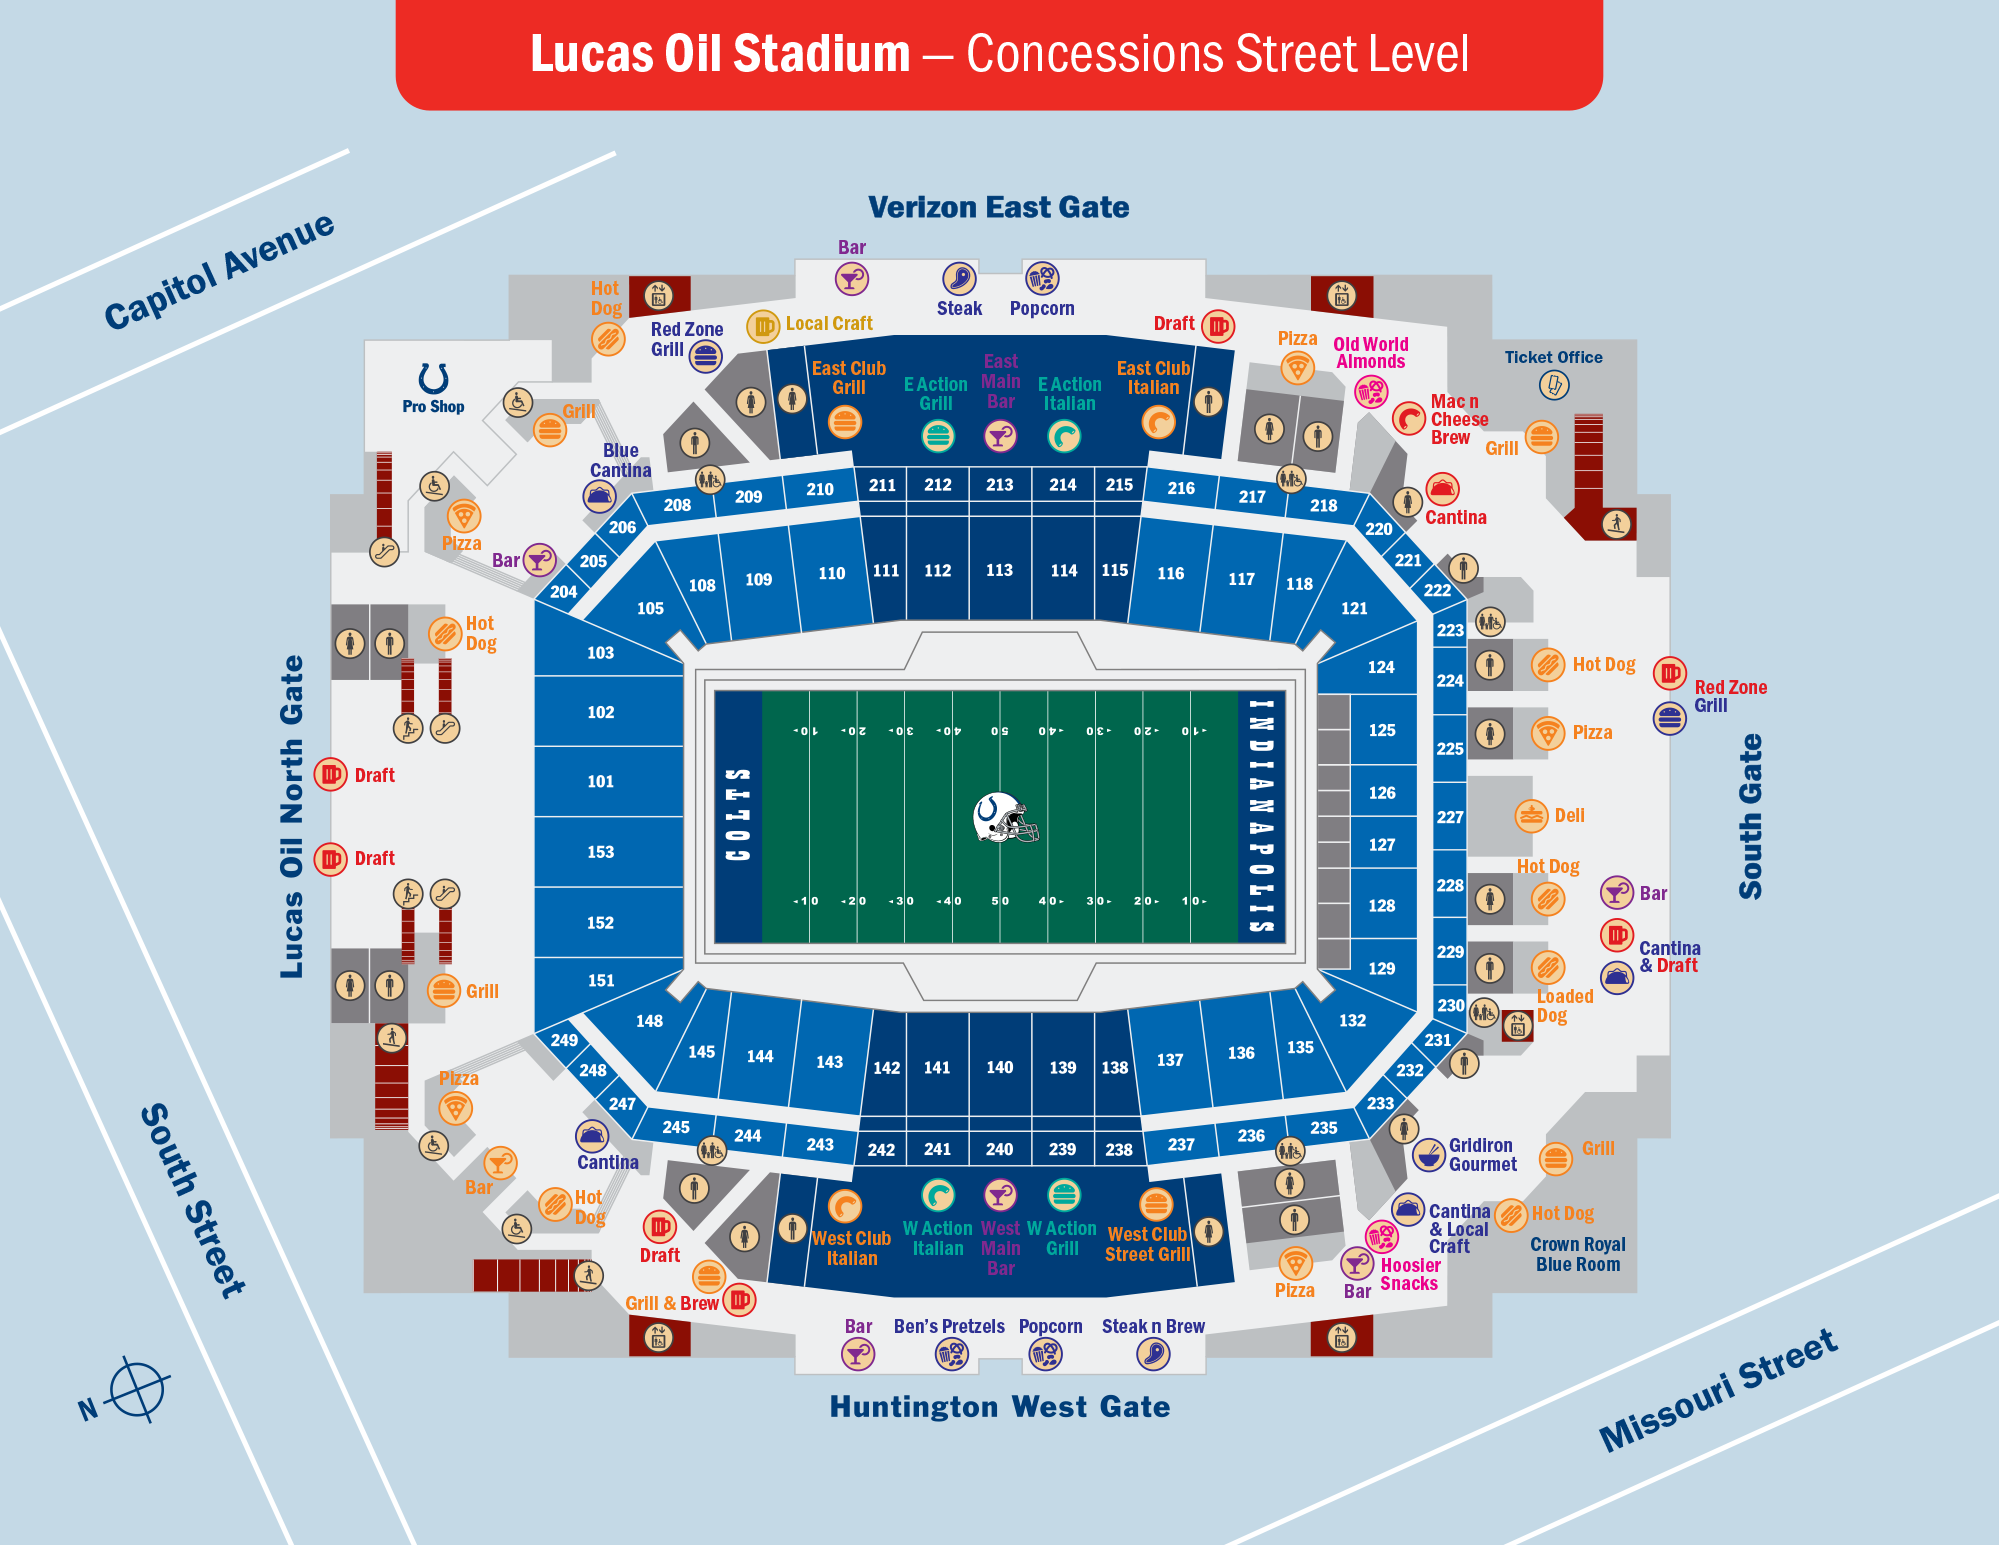 Lucas Oil Stadium Concessions Street Level